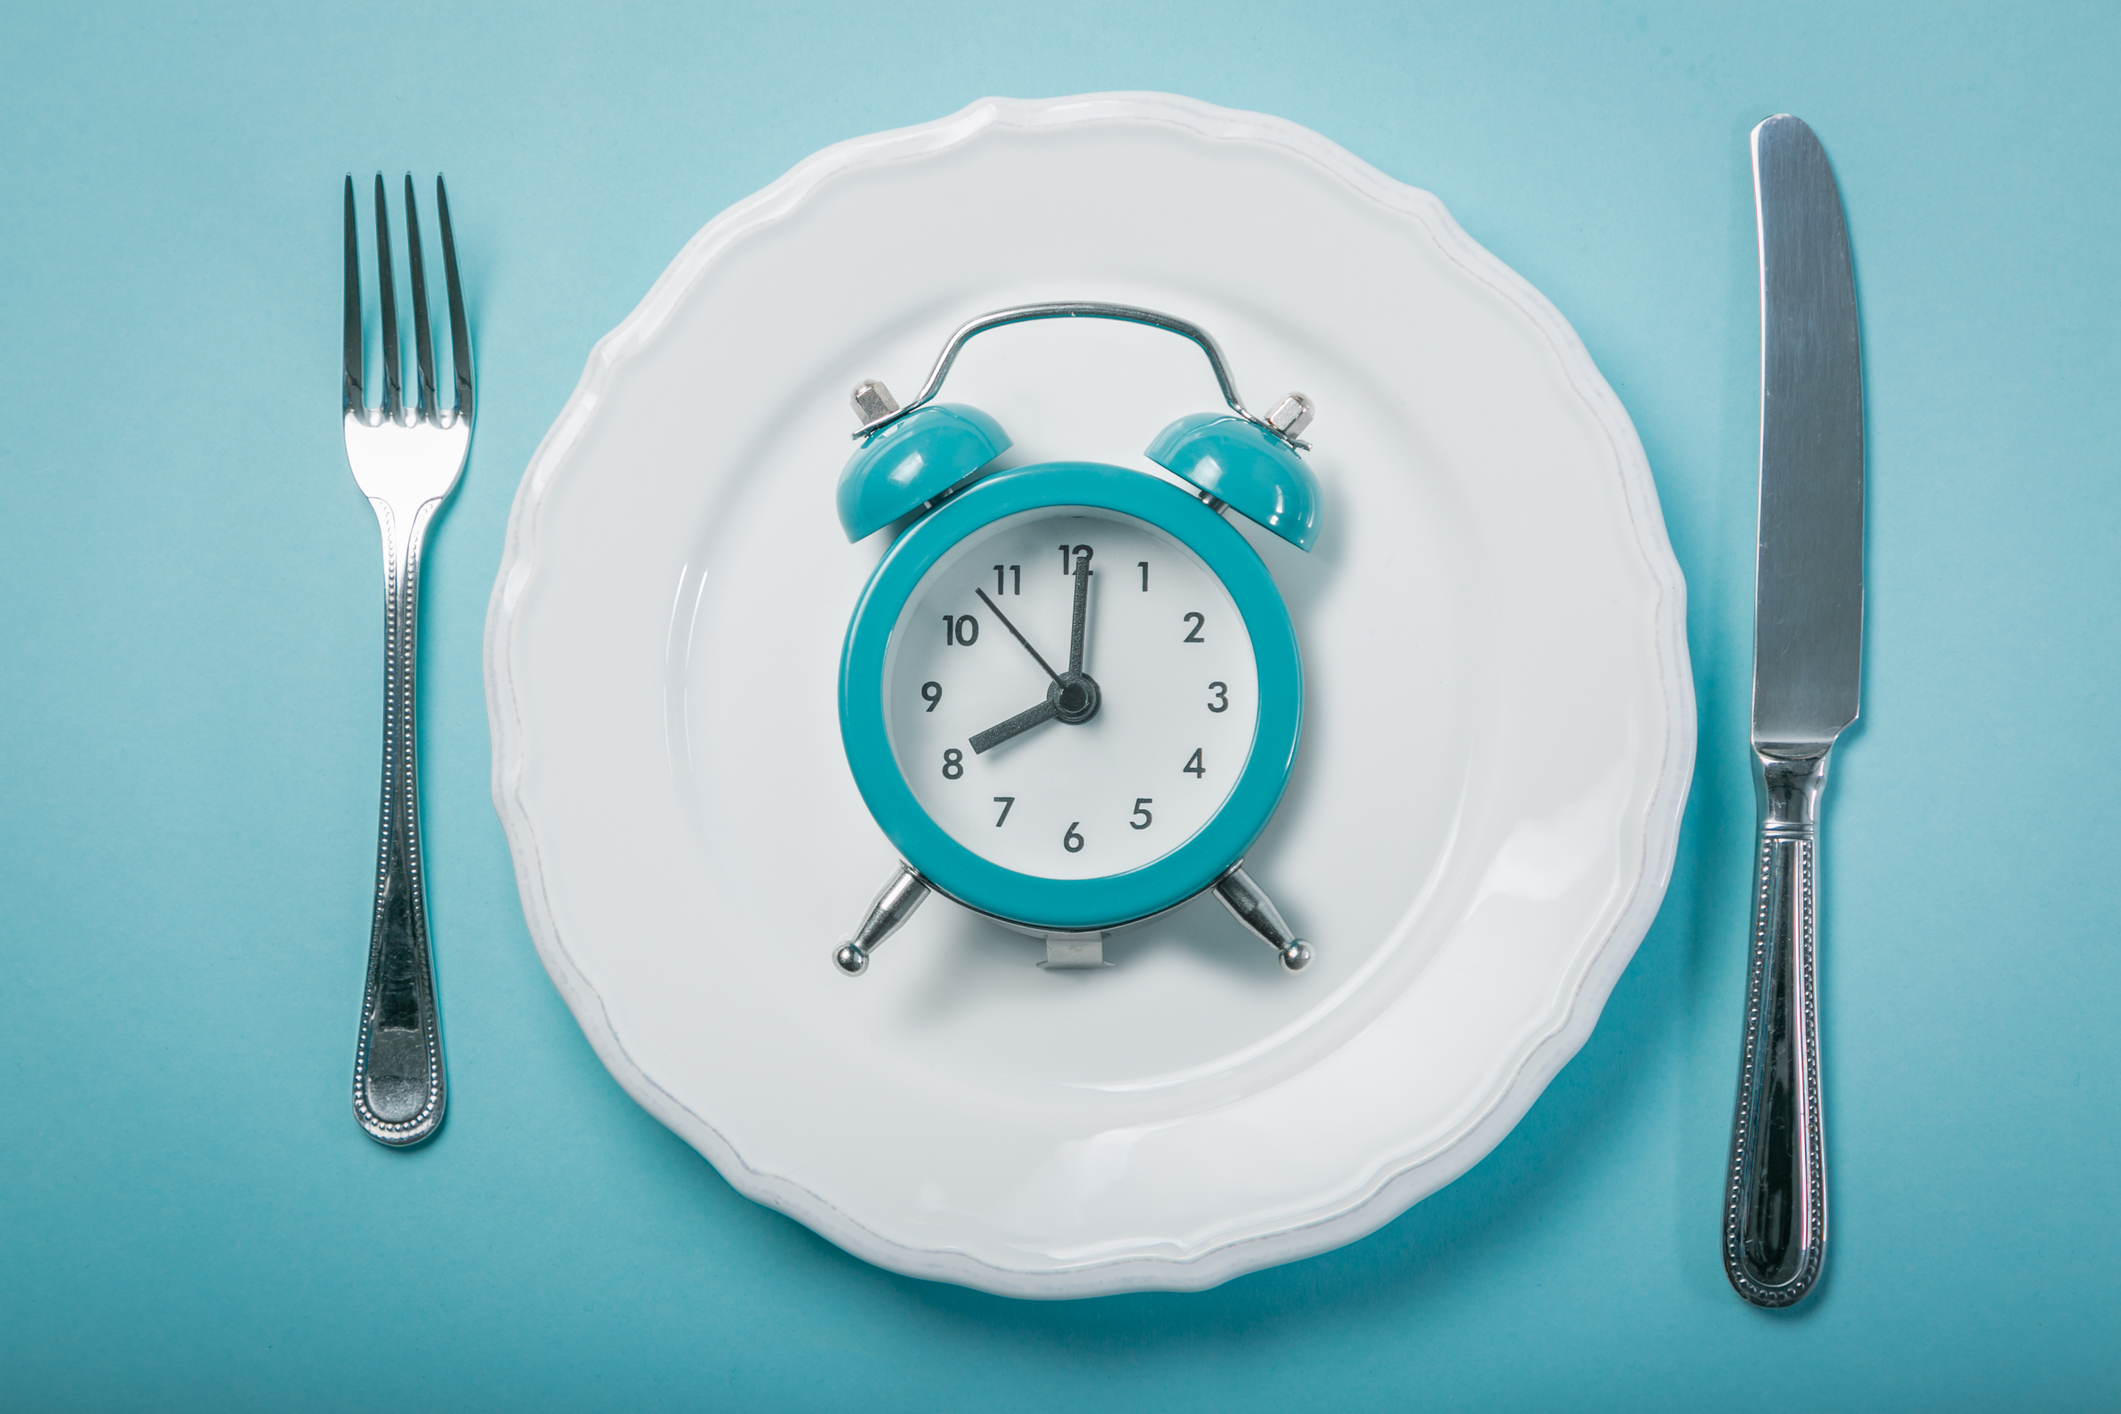 8 فایده روزه برای بدن از نگاه علم ؛ از بهبود عملکرد مغز تا پیشگیری از سرطان